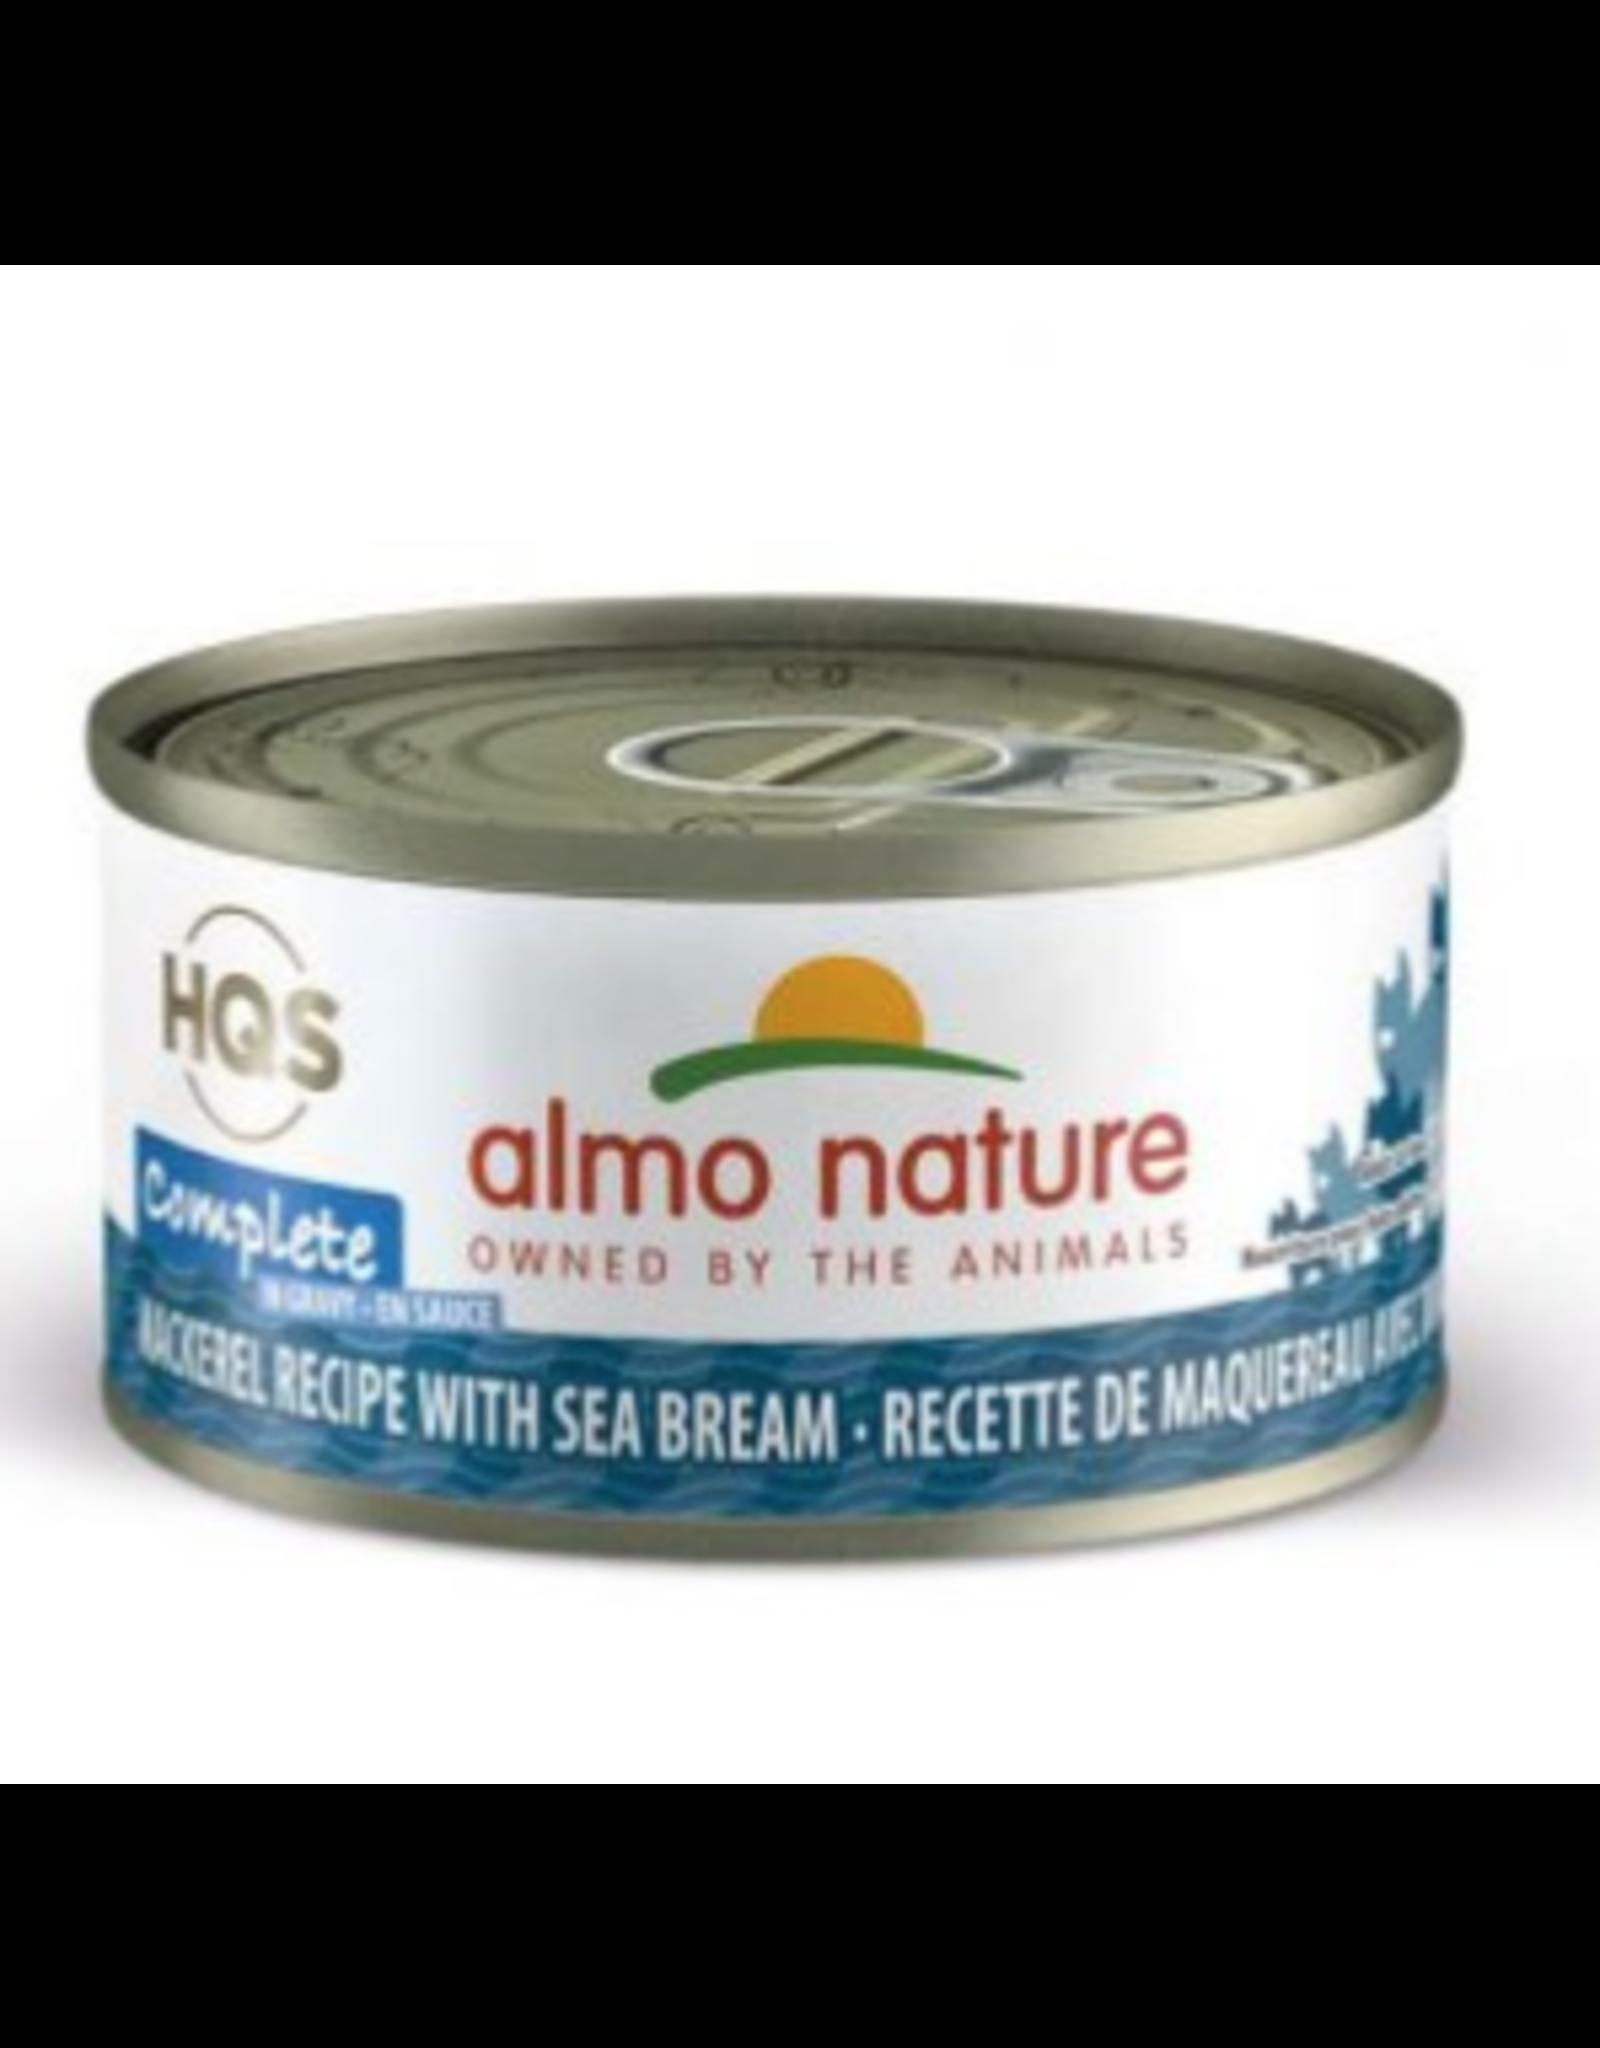 Almo Nature Almo Nature HQS Complete Mackerel Recipe w/ Sea Bream in Gravy Cat Food 2.47 Oz